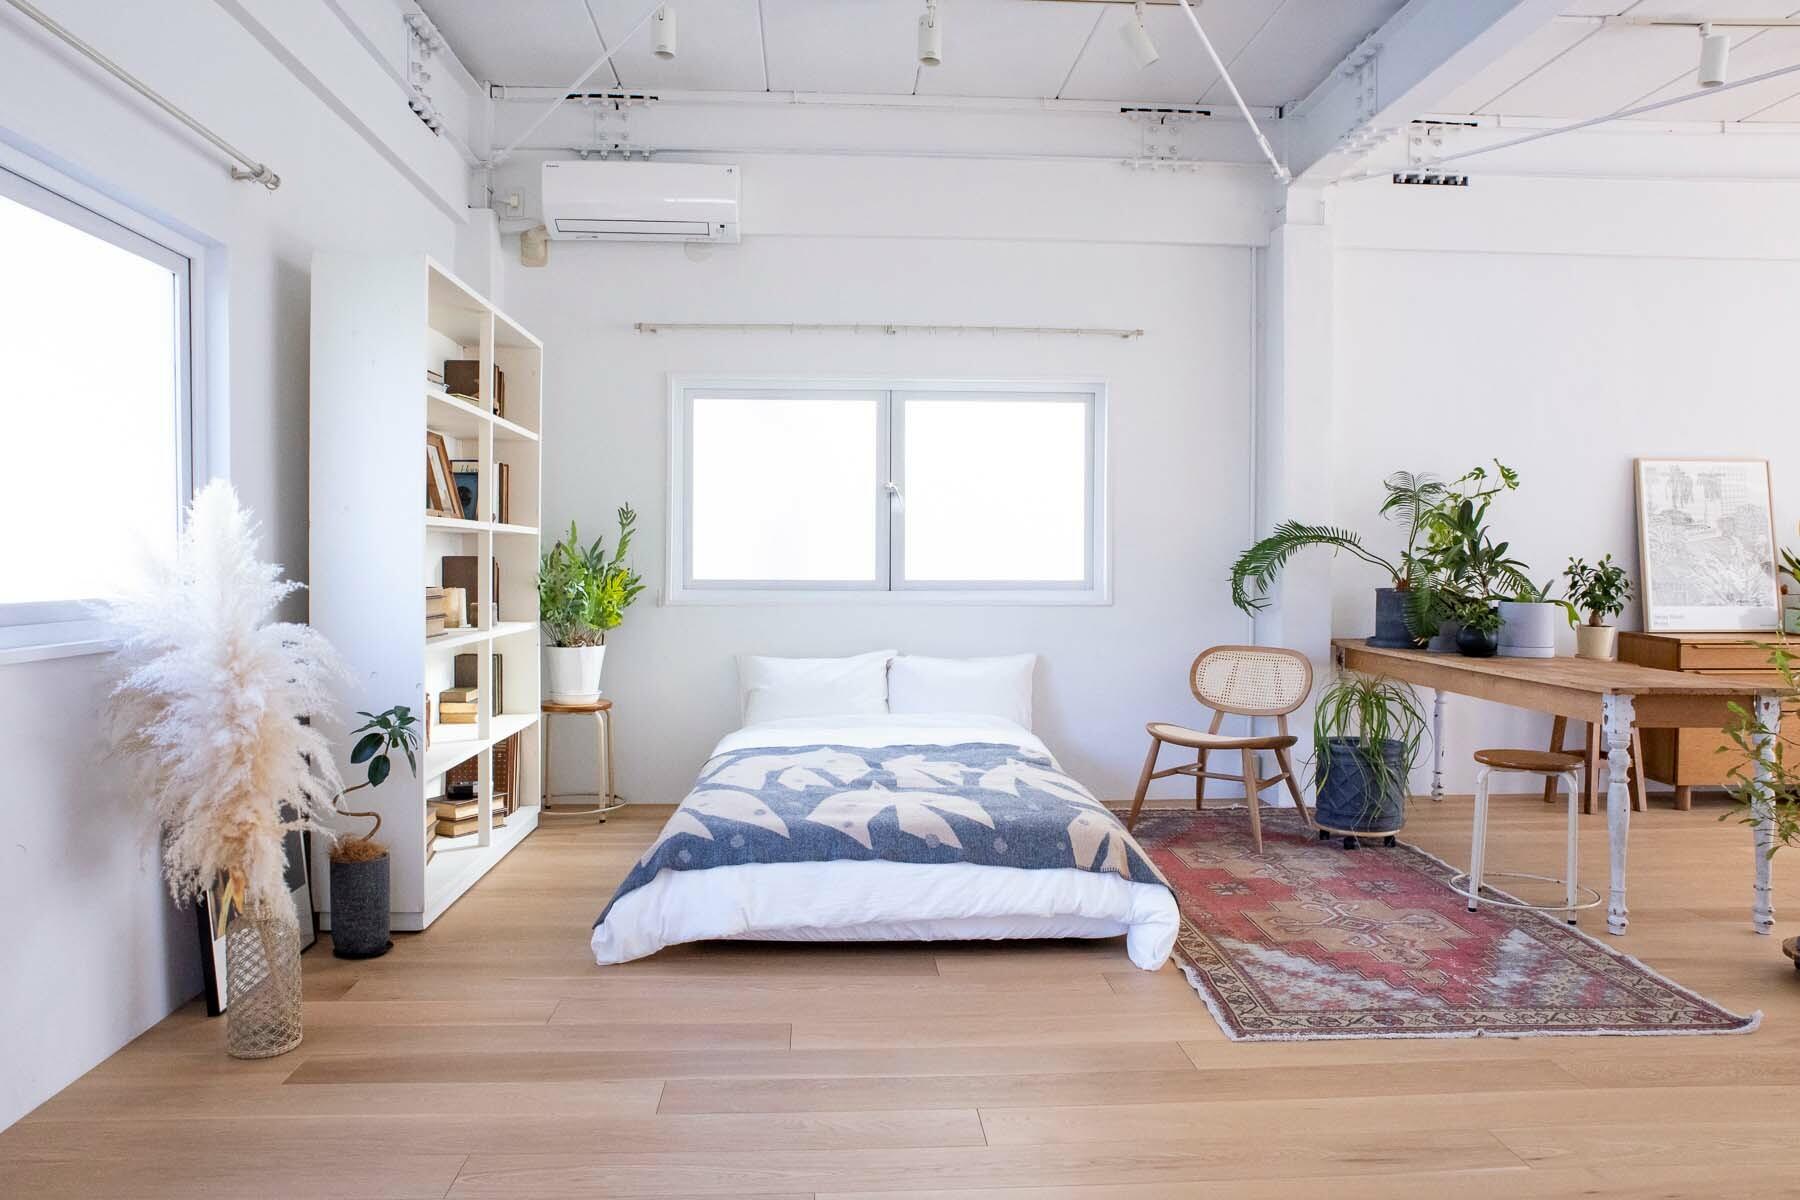 STUDIO RODAN(スタジオロダン) 2~3F2F ホワイトスペースからキッチン